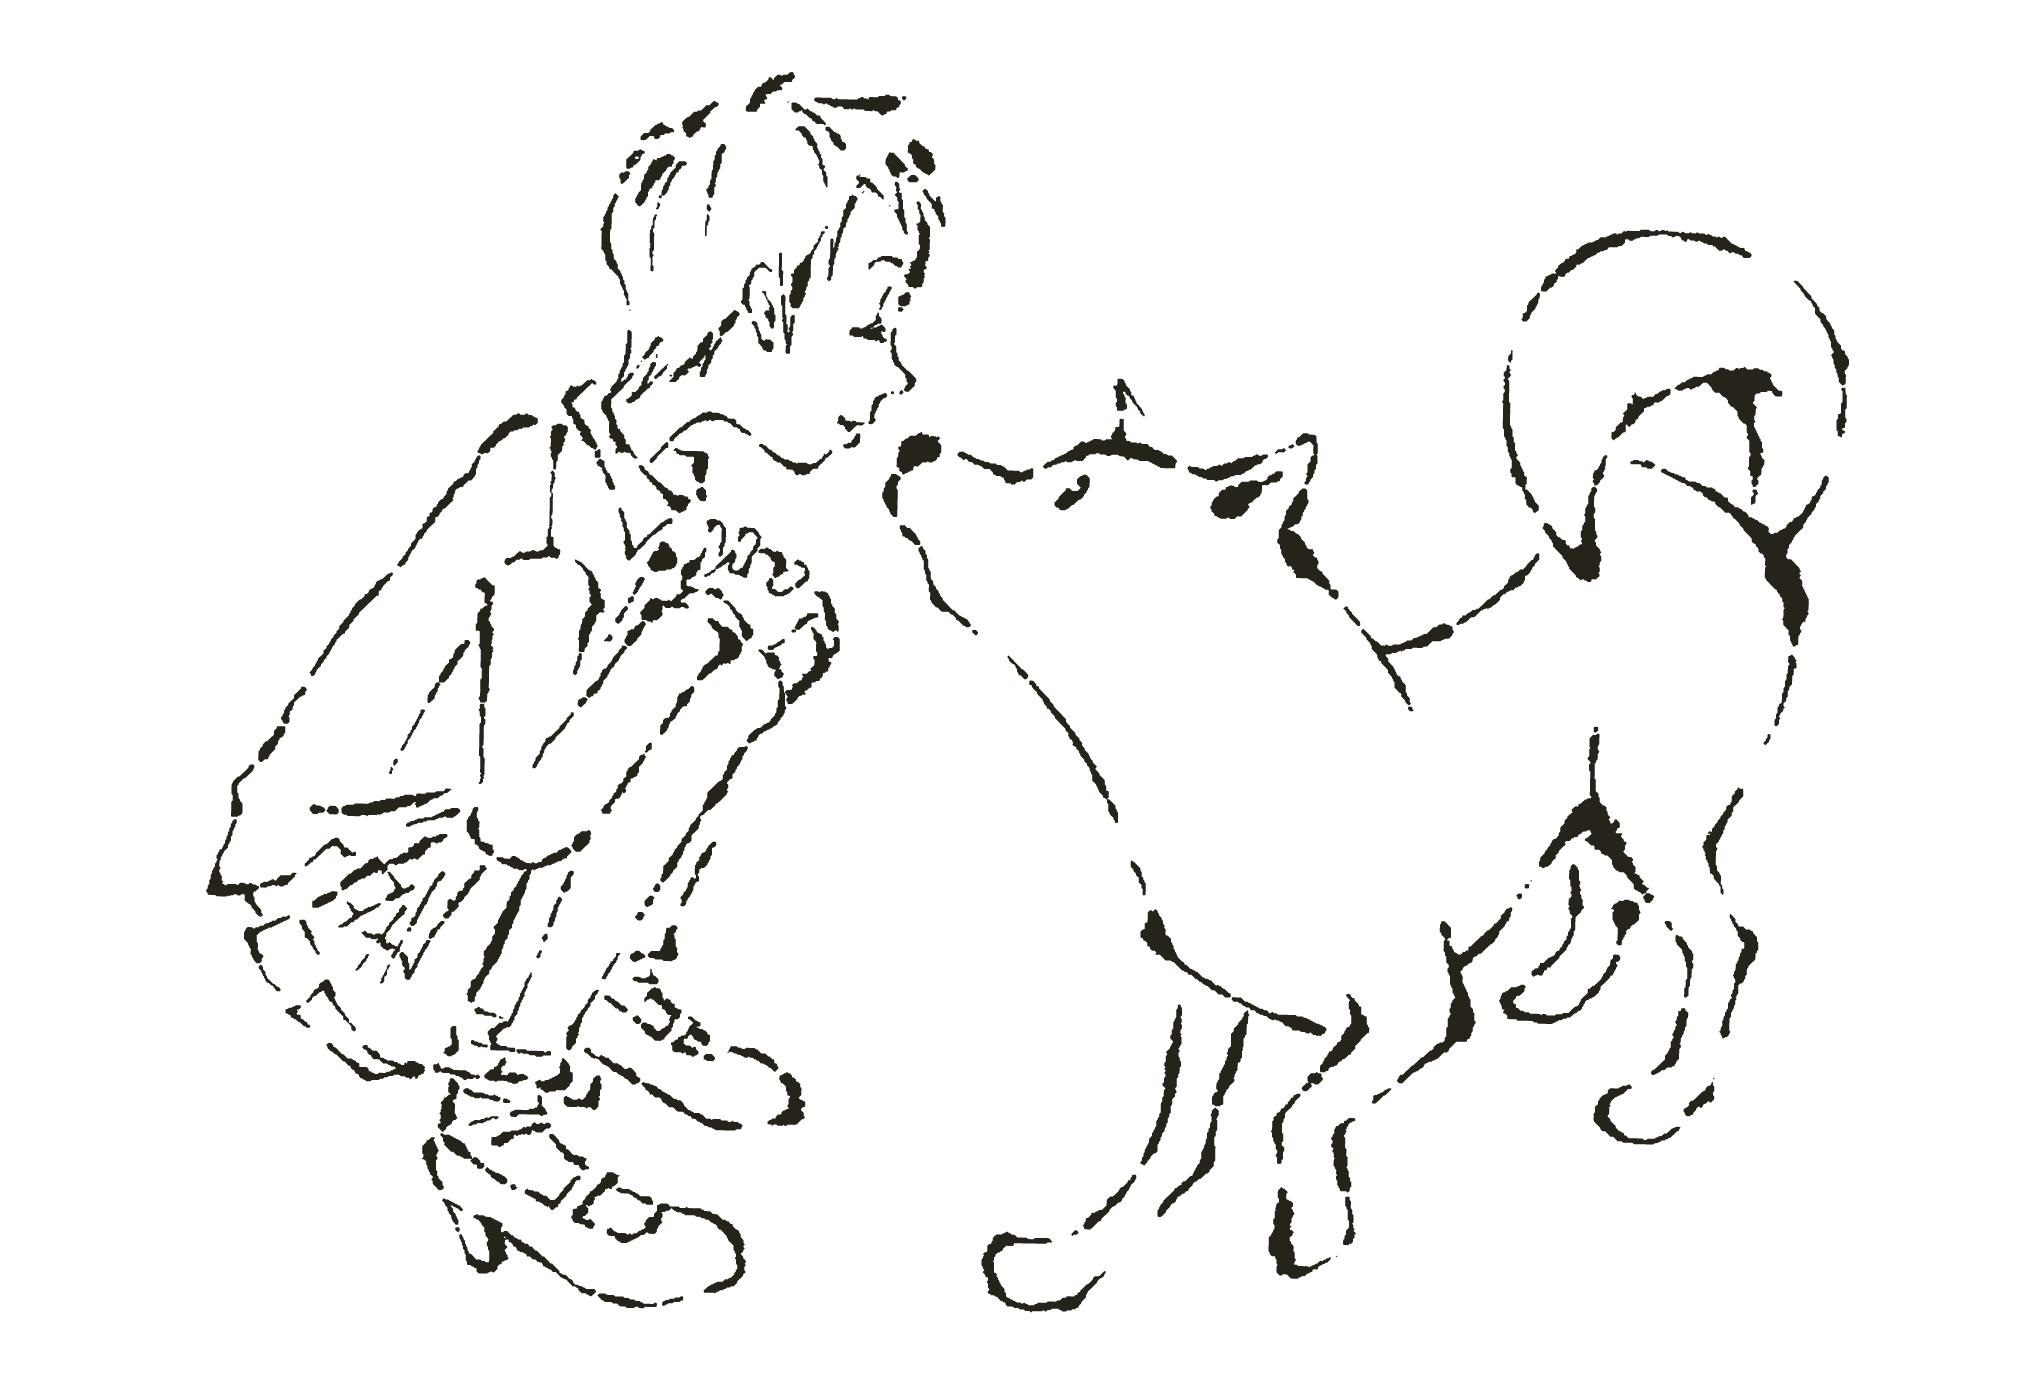 2018年賀状09-3:White dog / line drawingのダウンロード画像